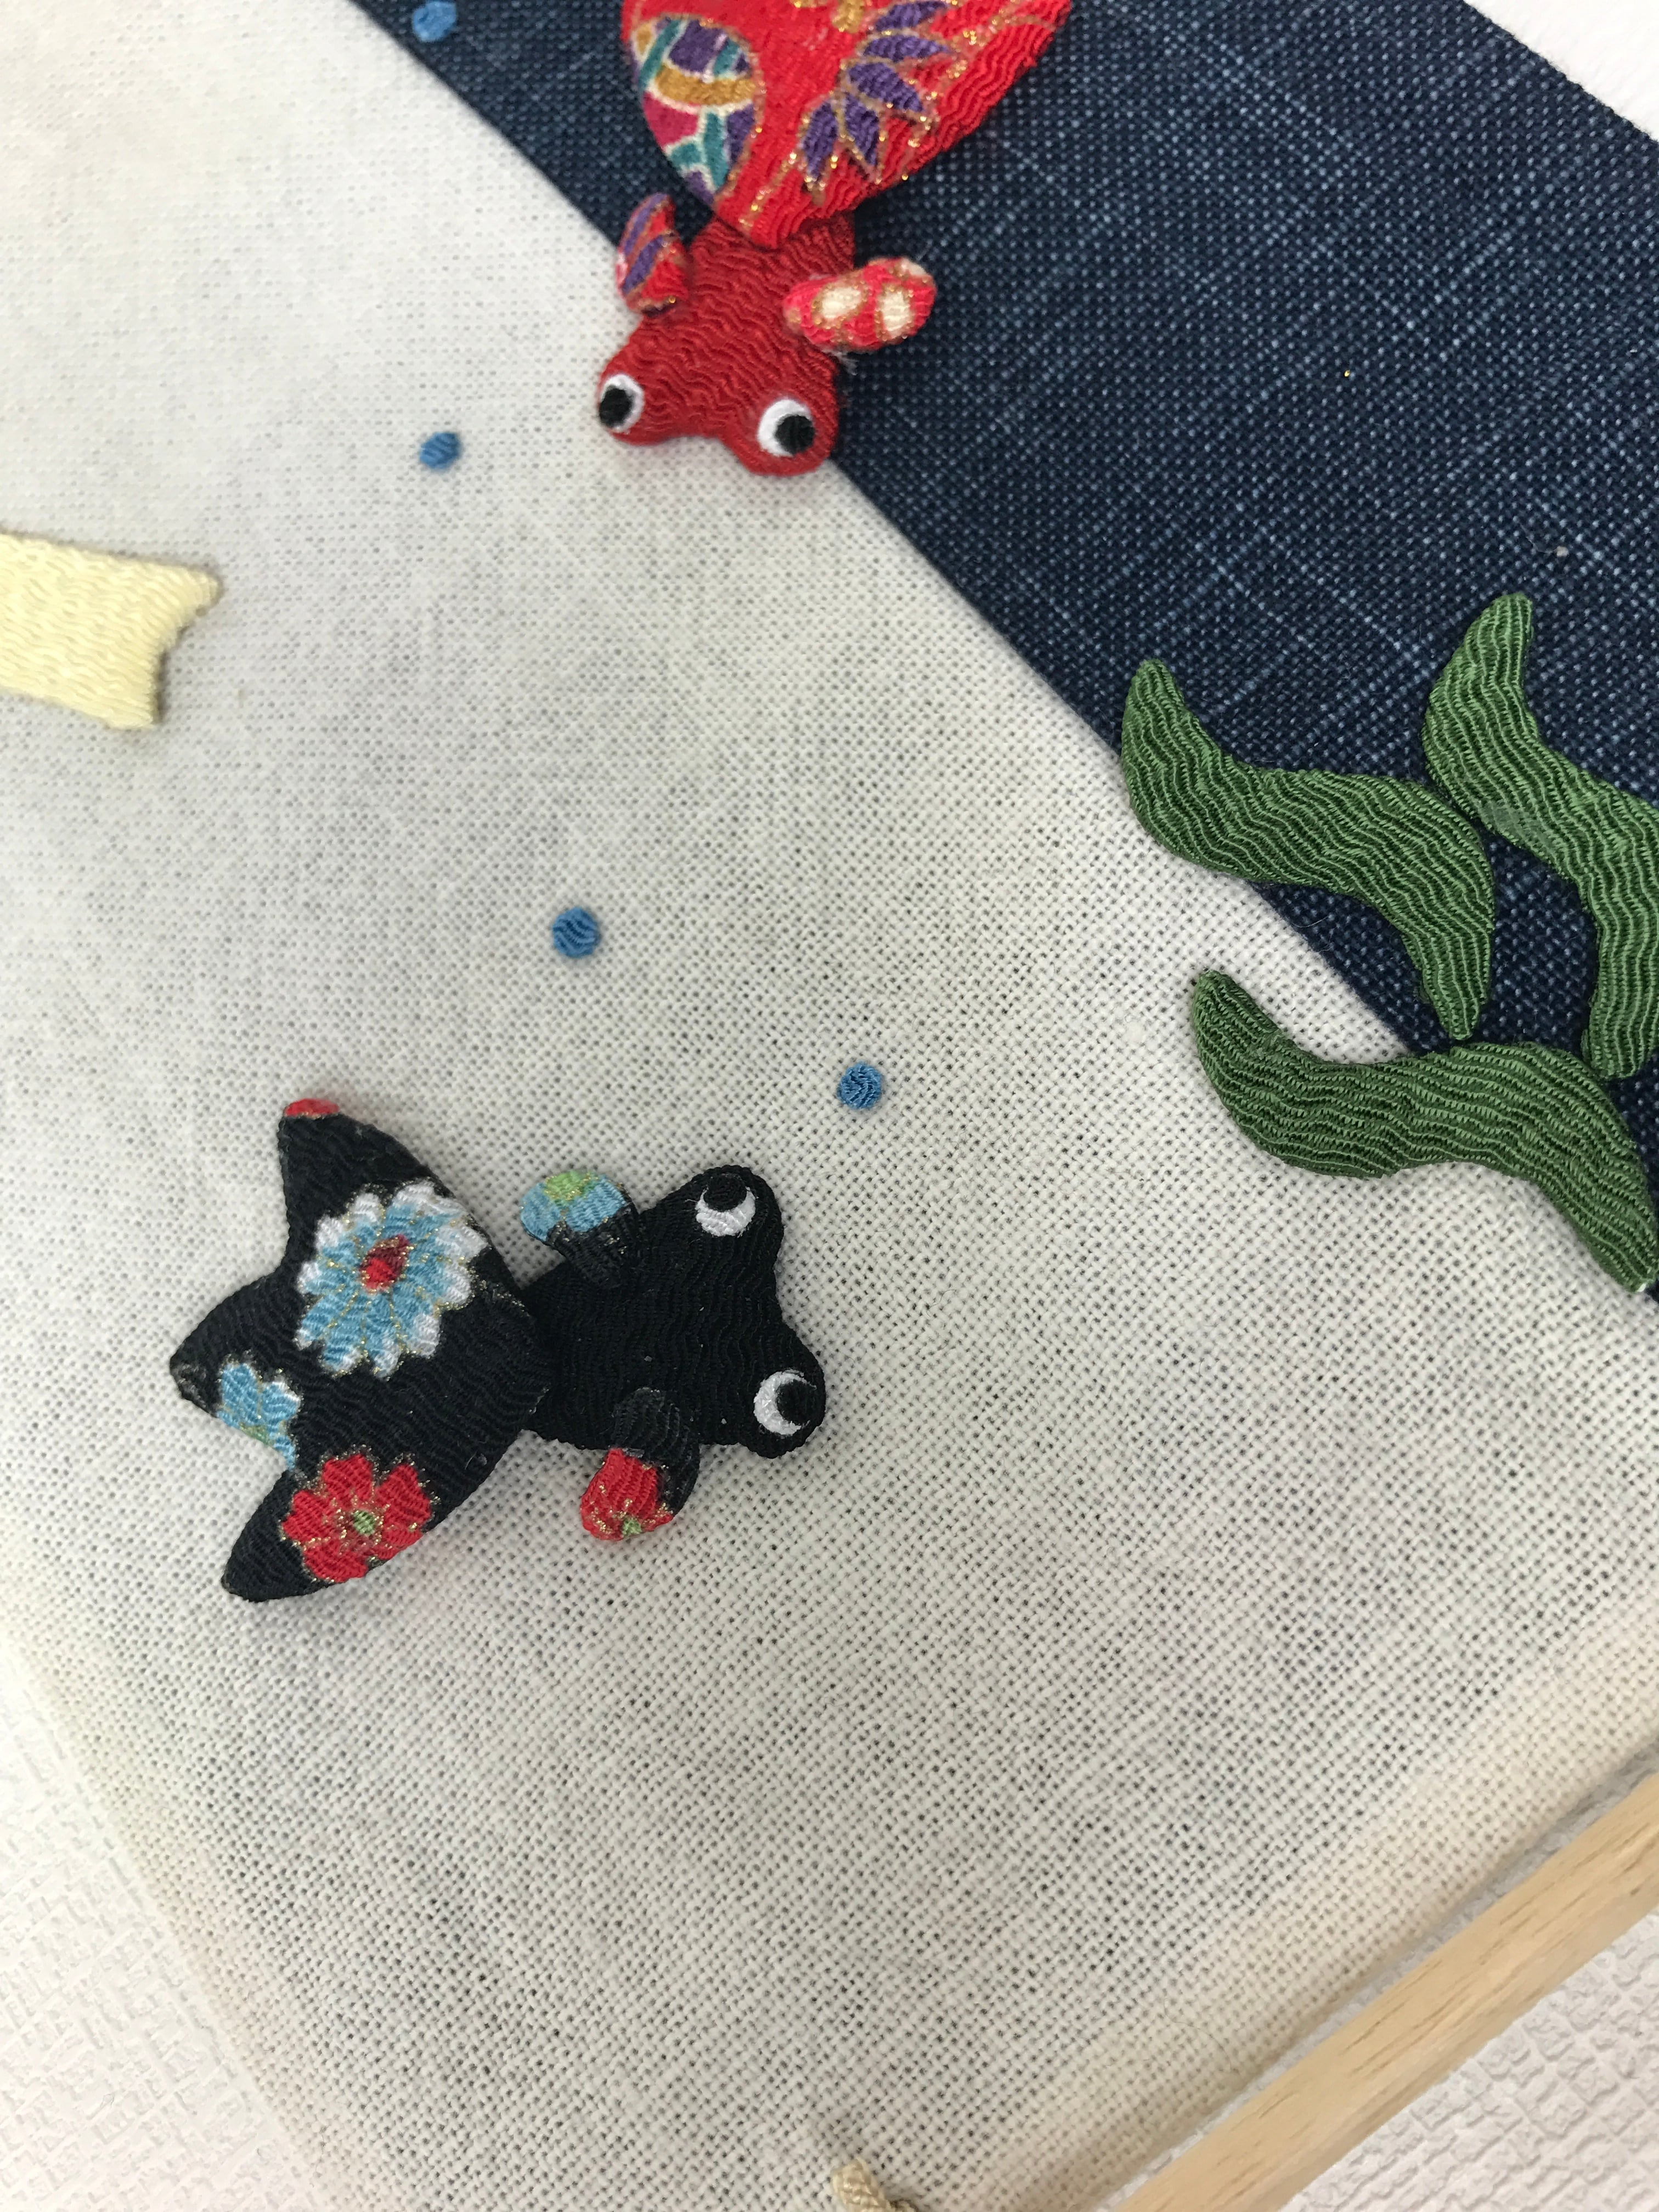 ちりめん押絵金魚の夏の彩りミニタペストリー